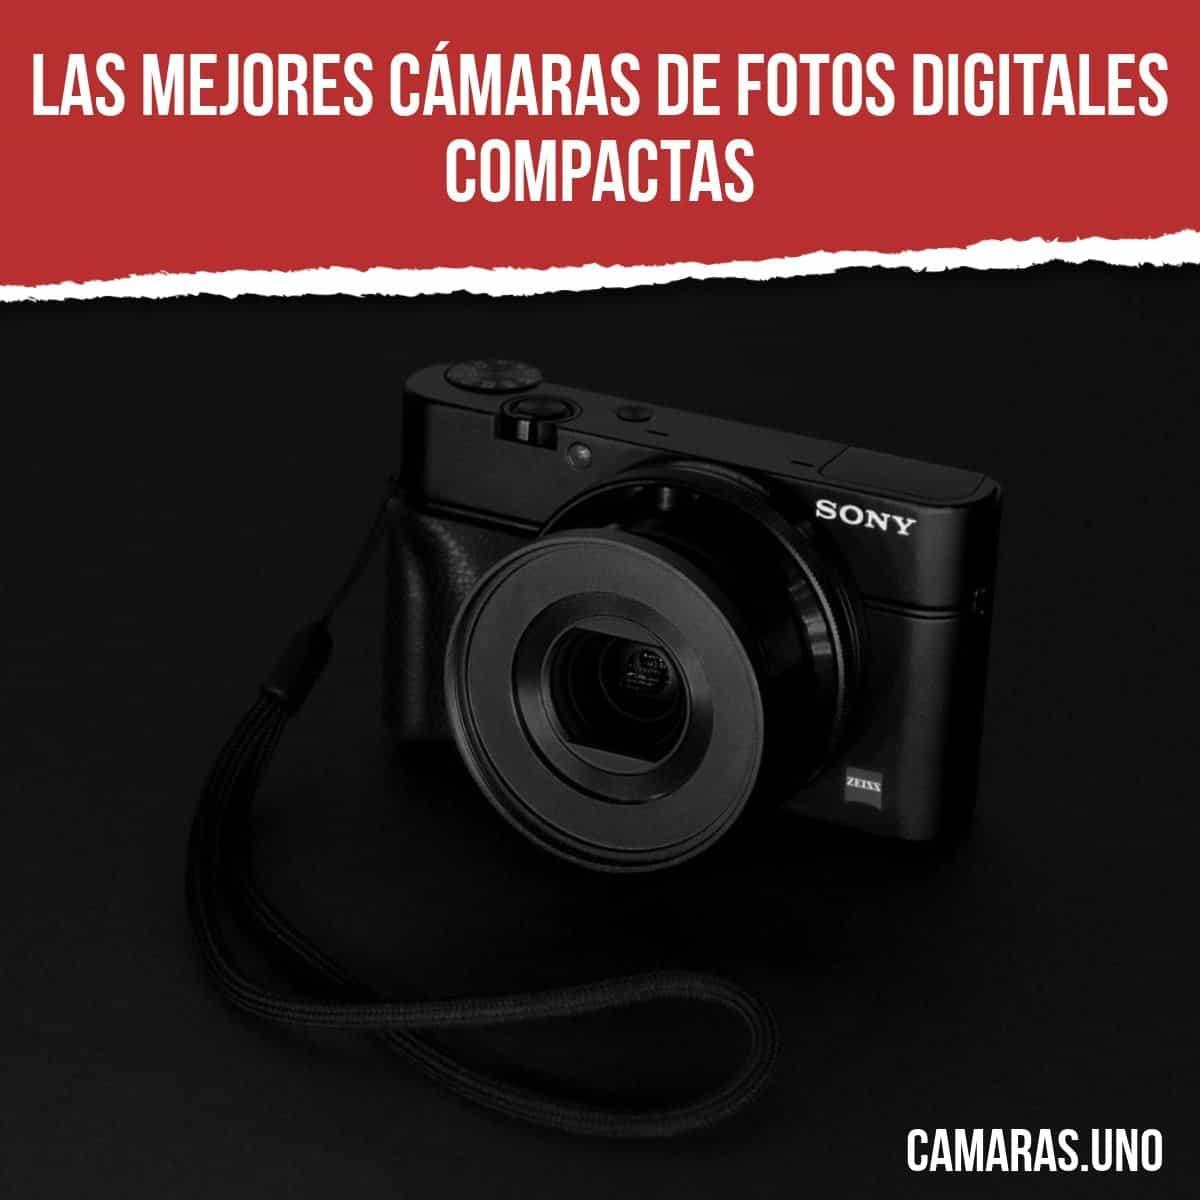 Las mejores cámaras de fotos compactas buenas y baratas